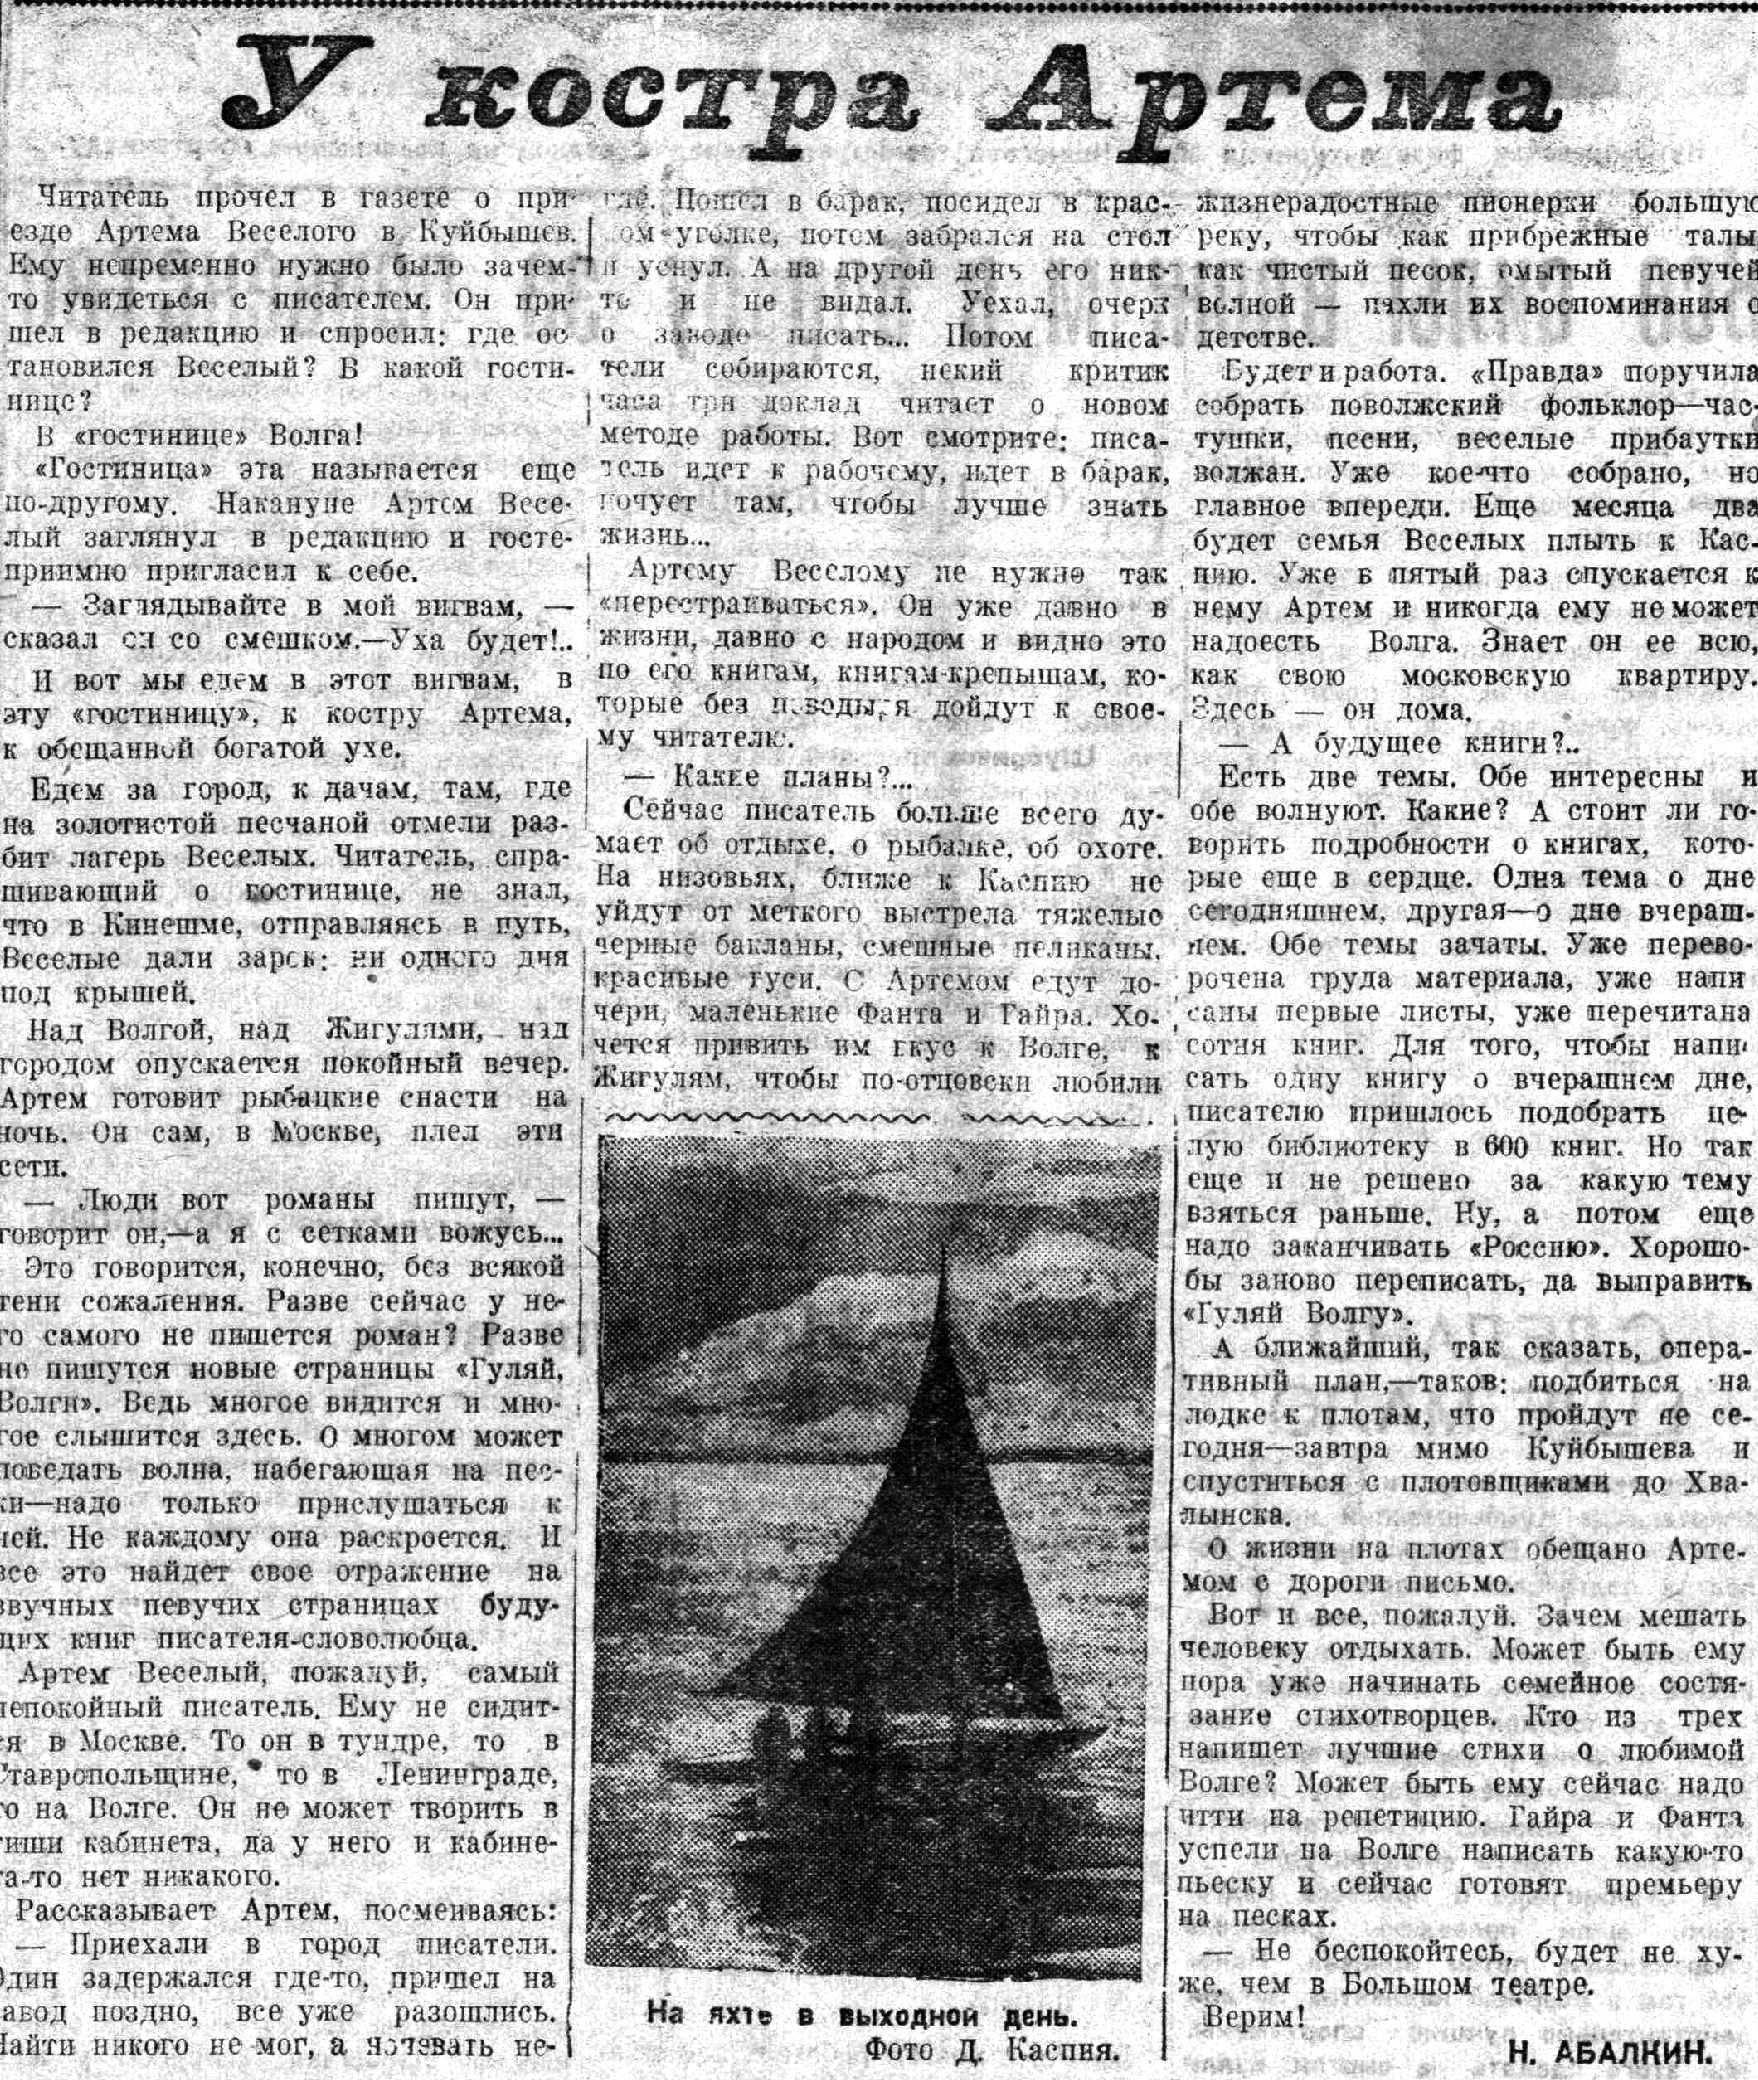 13_Ocherk_v_Volzhskoy_Kommune_6_iyulya_1935